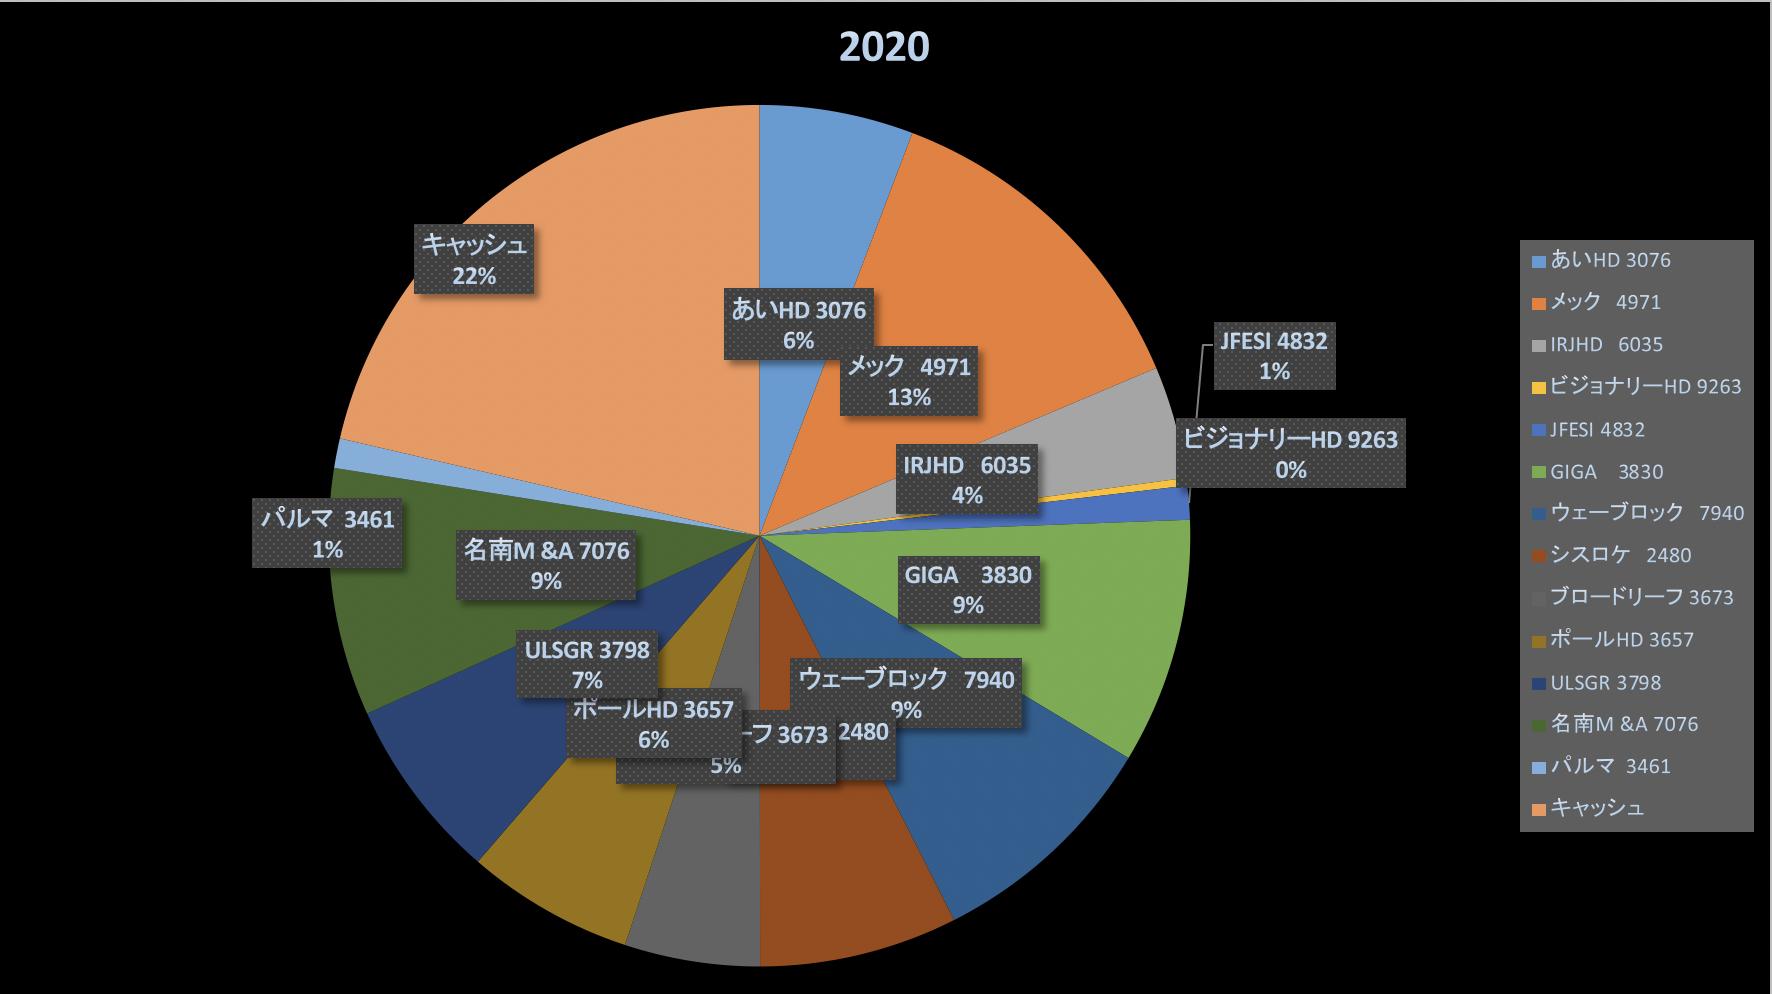 情弱狩りピタゴラスイッチによって汚れていく景色(株式投資成績報告2020/8/28)